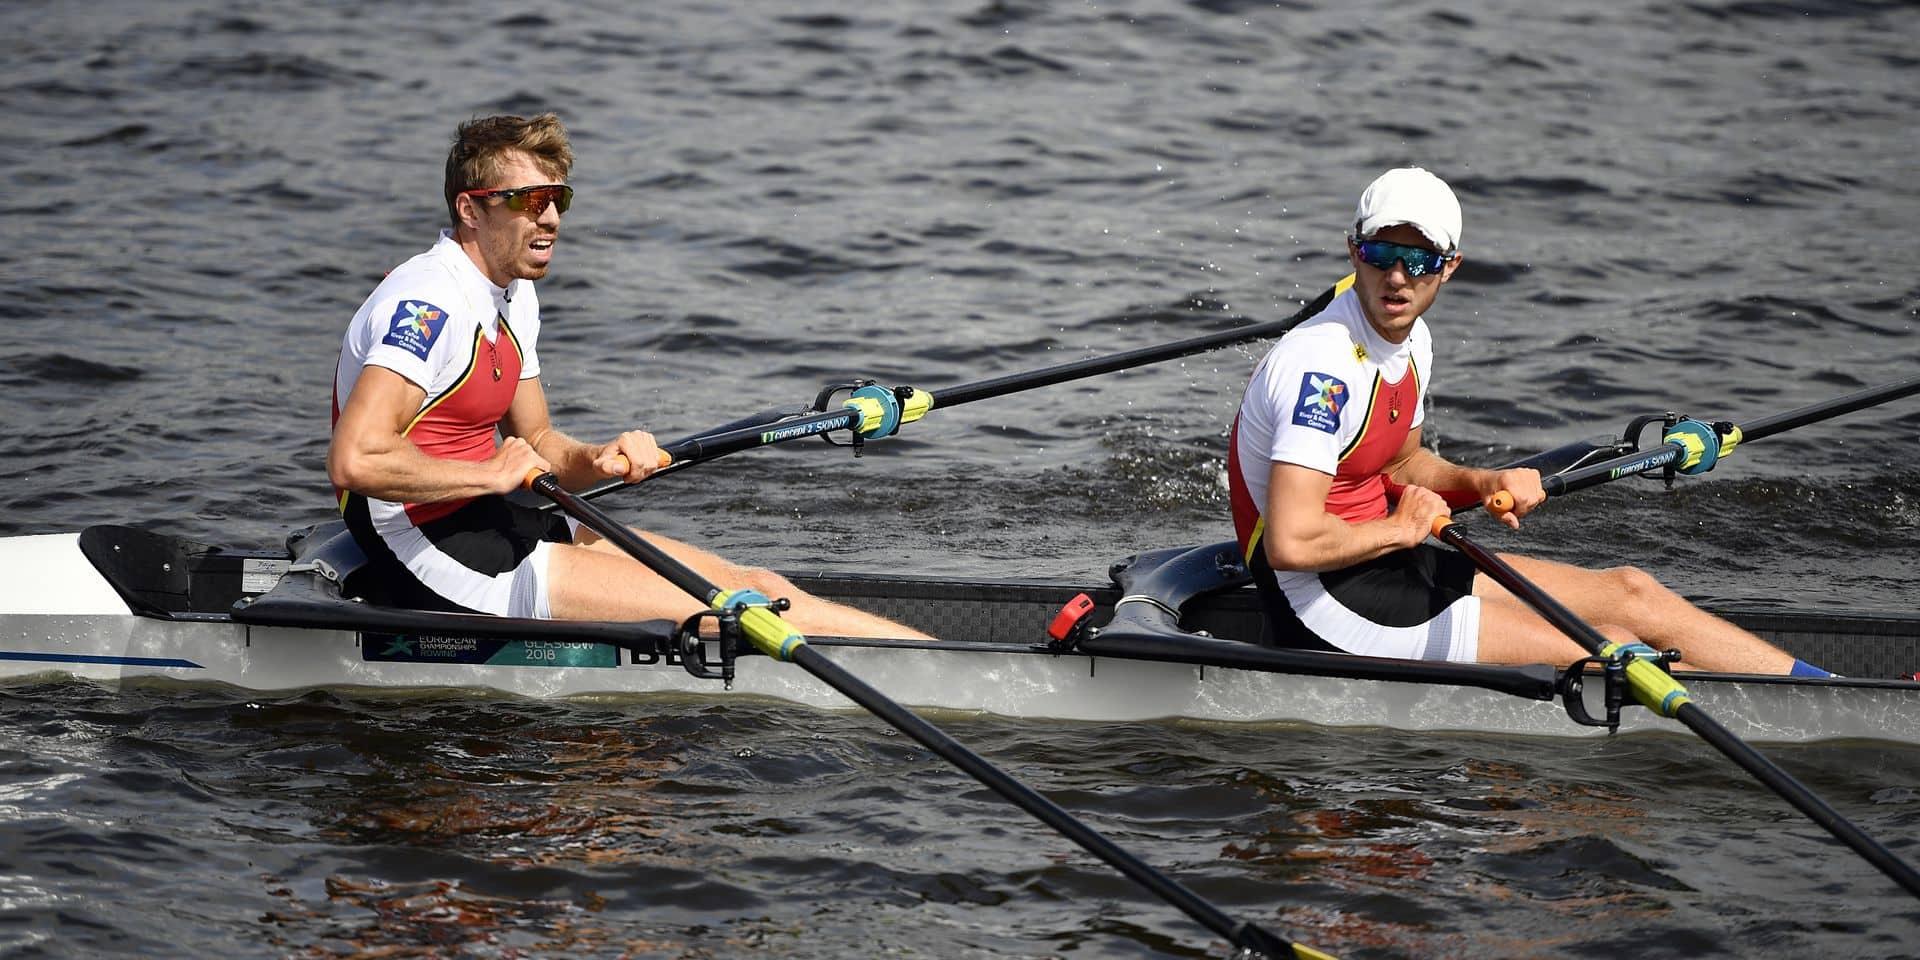 Tim Brys et Niels Van Zandweghe médaillés de bronze en deux de couple poids légers